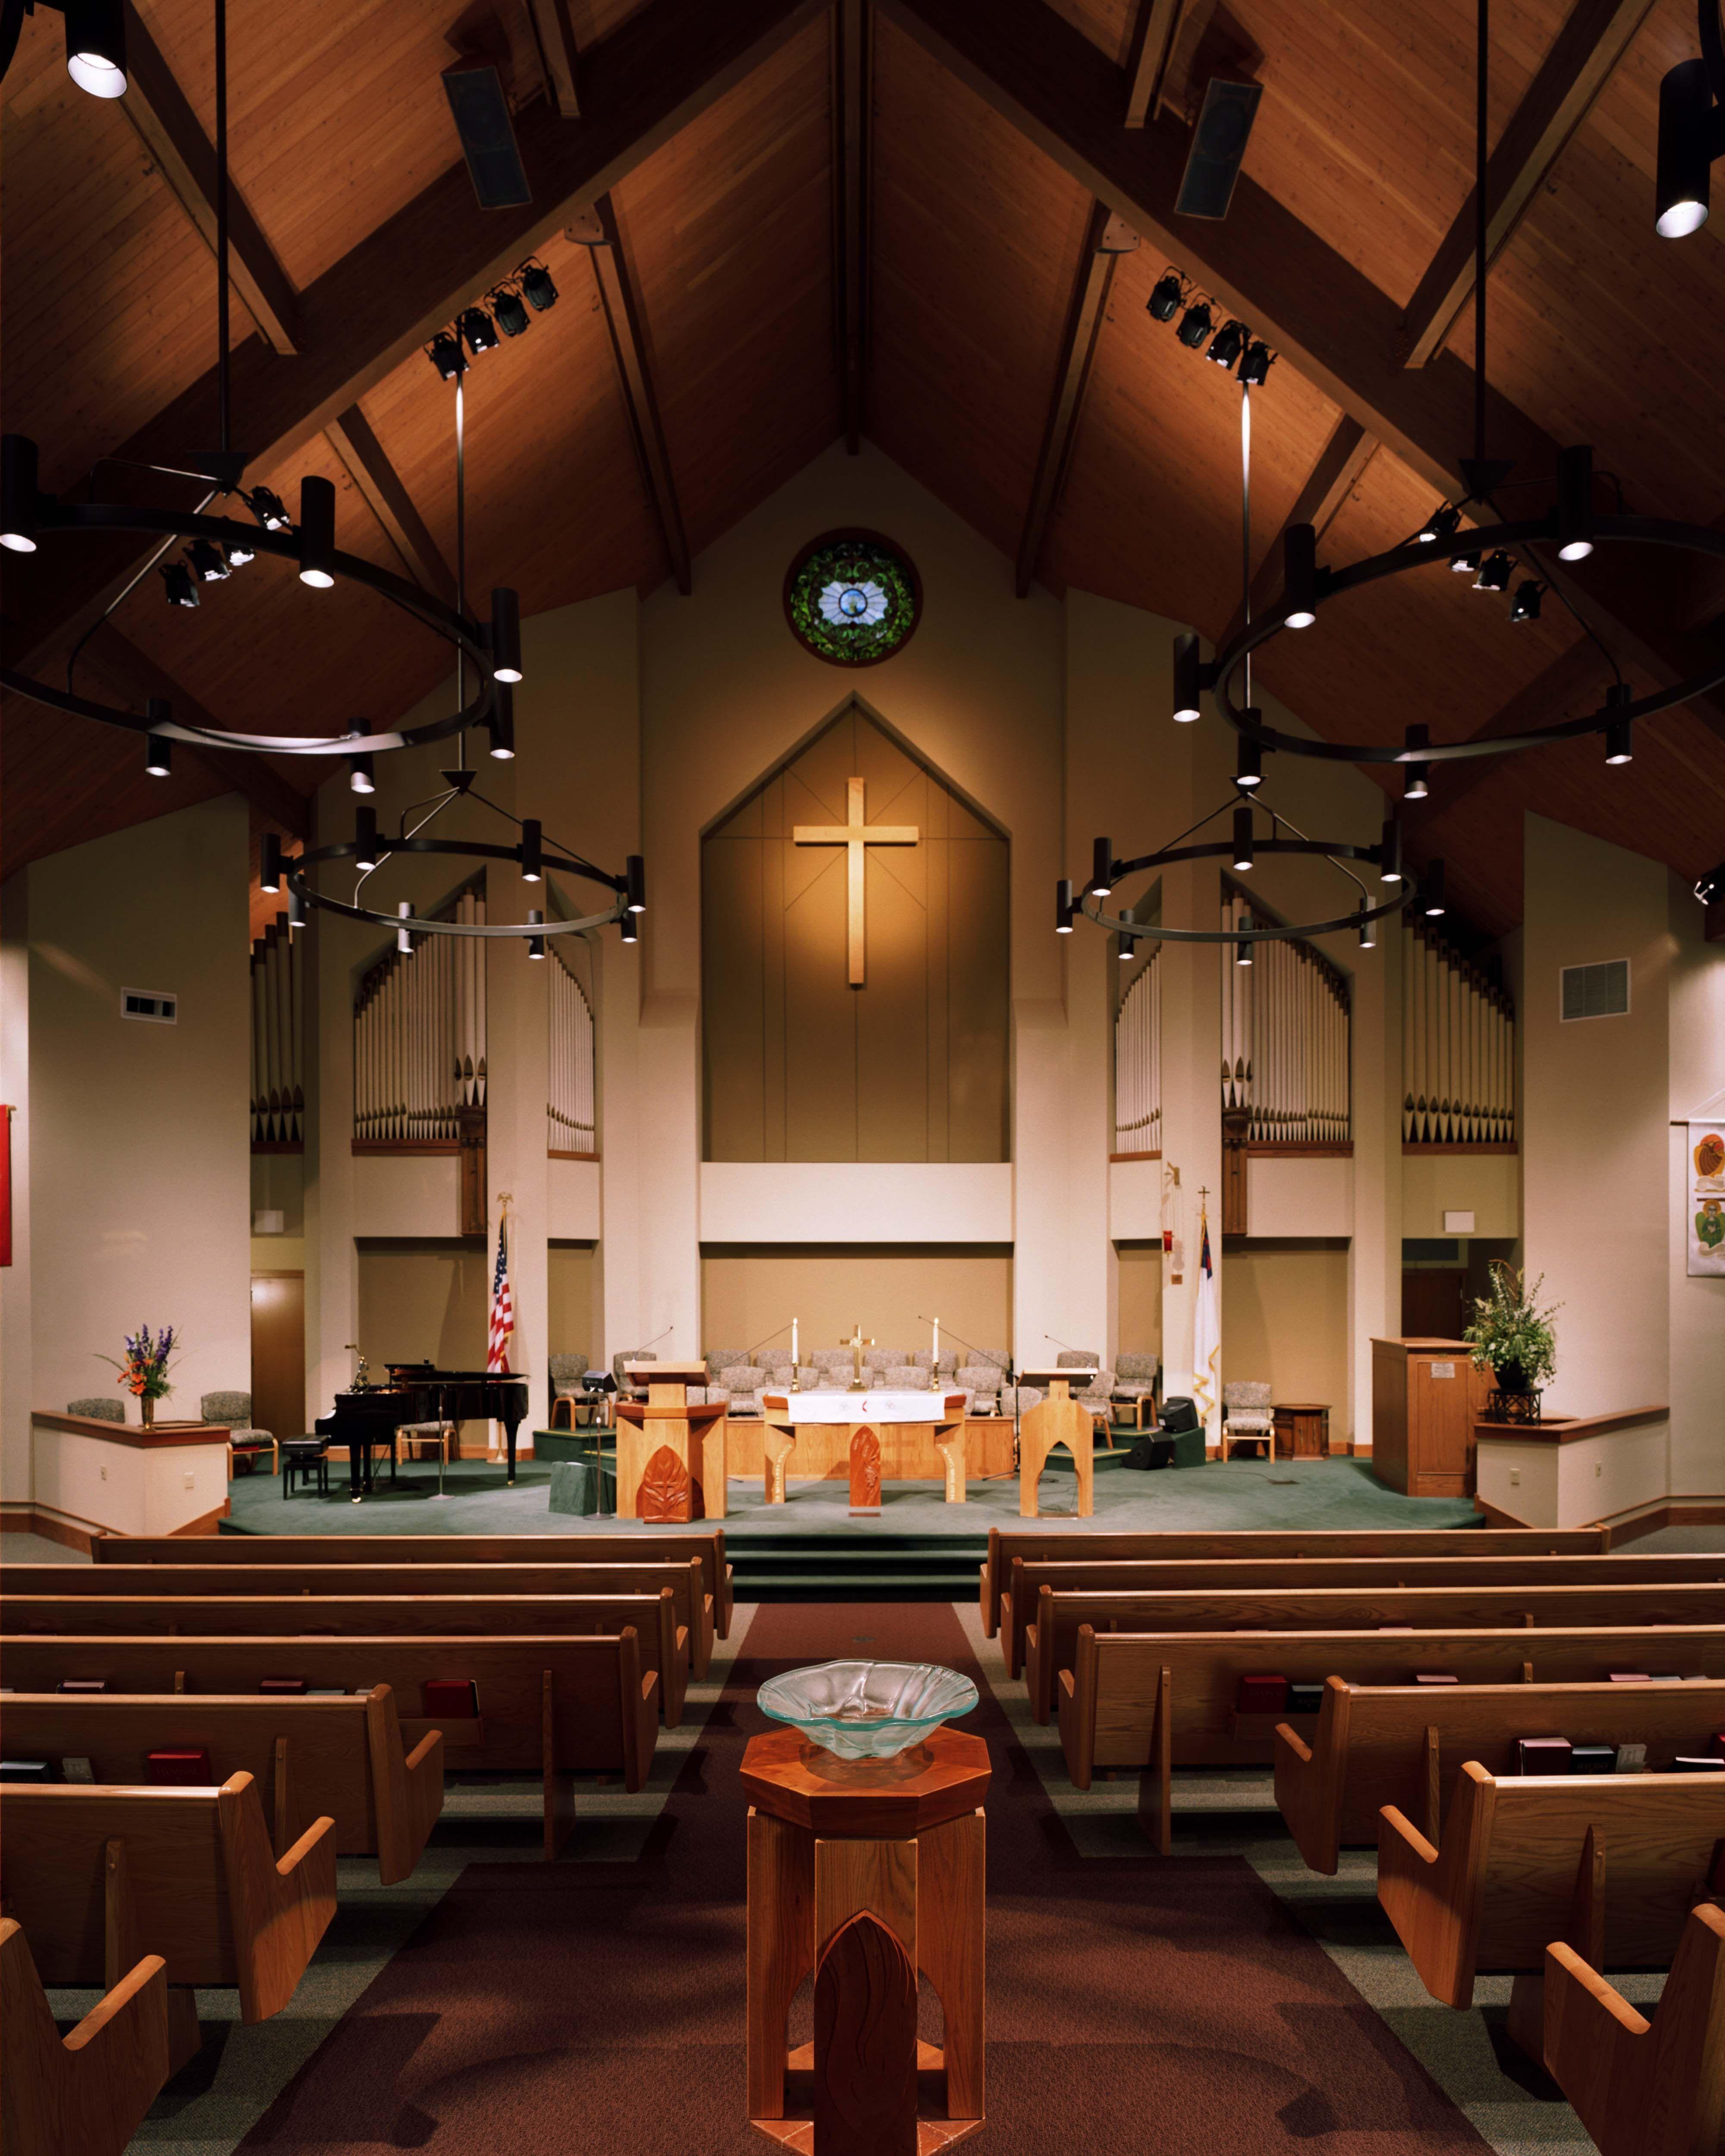 #church #sanctuary | church ideas | Pinterest | Churches ...